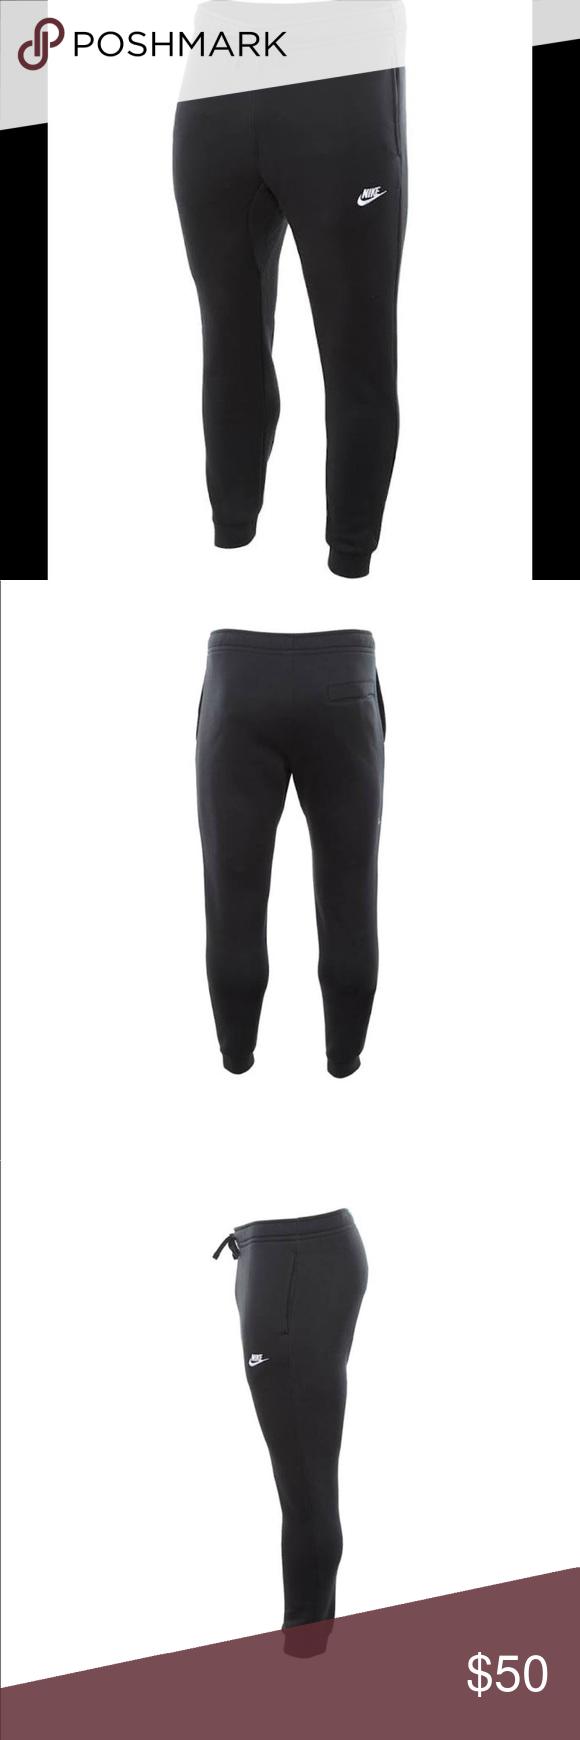 e66643f919b1 Nike Sportswear Club Fleece Pants